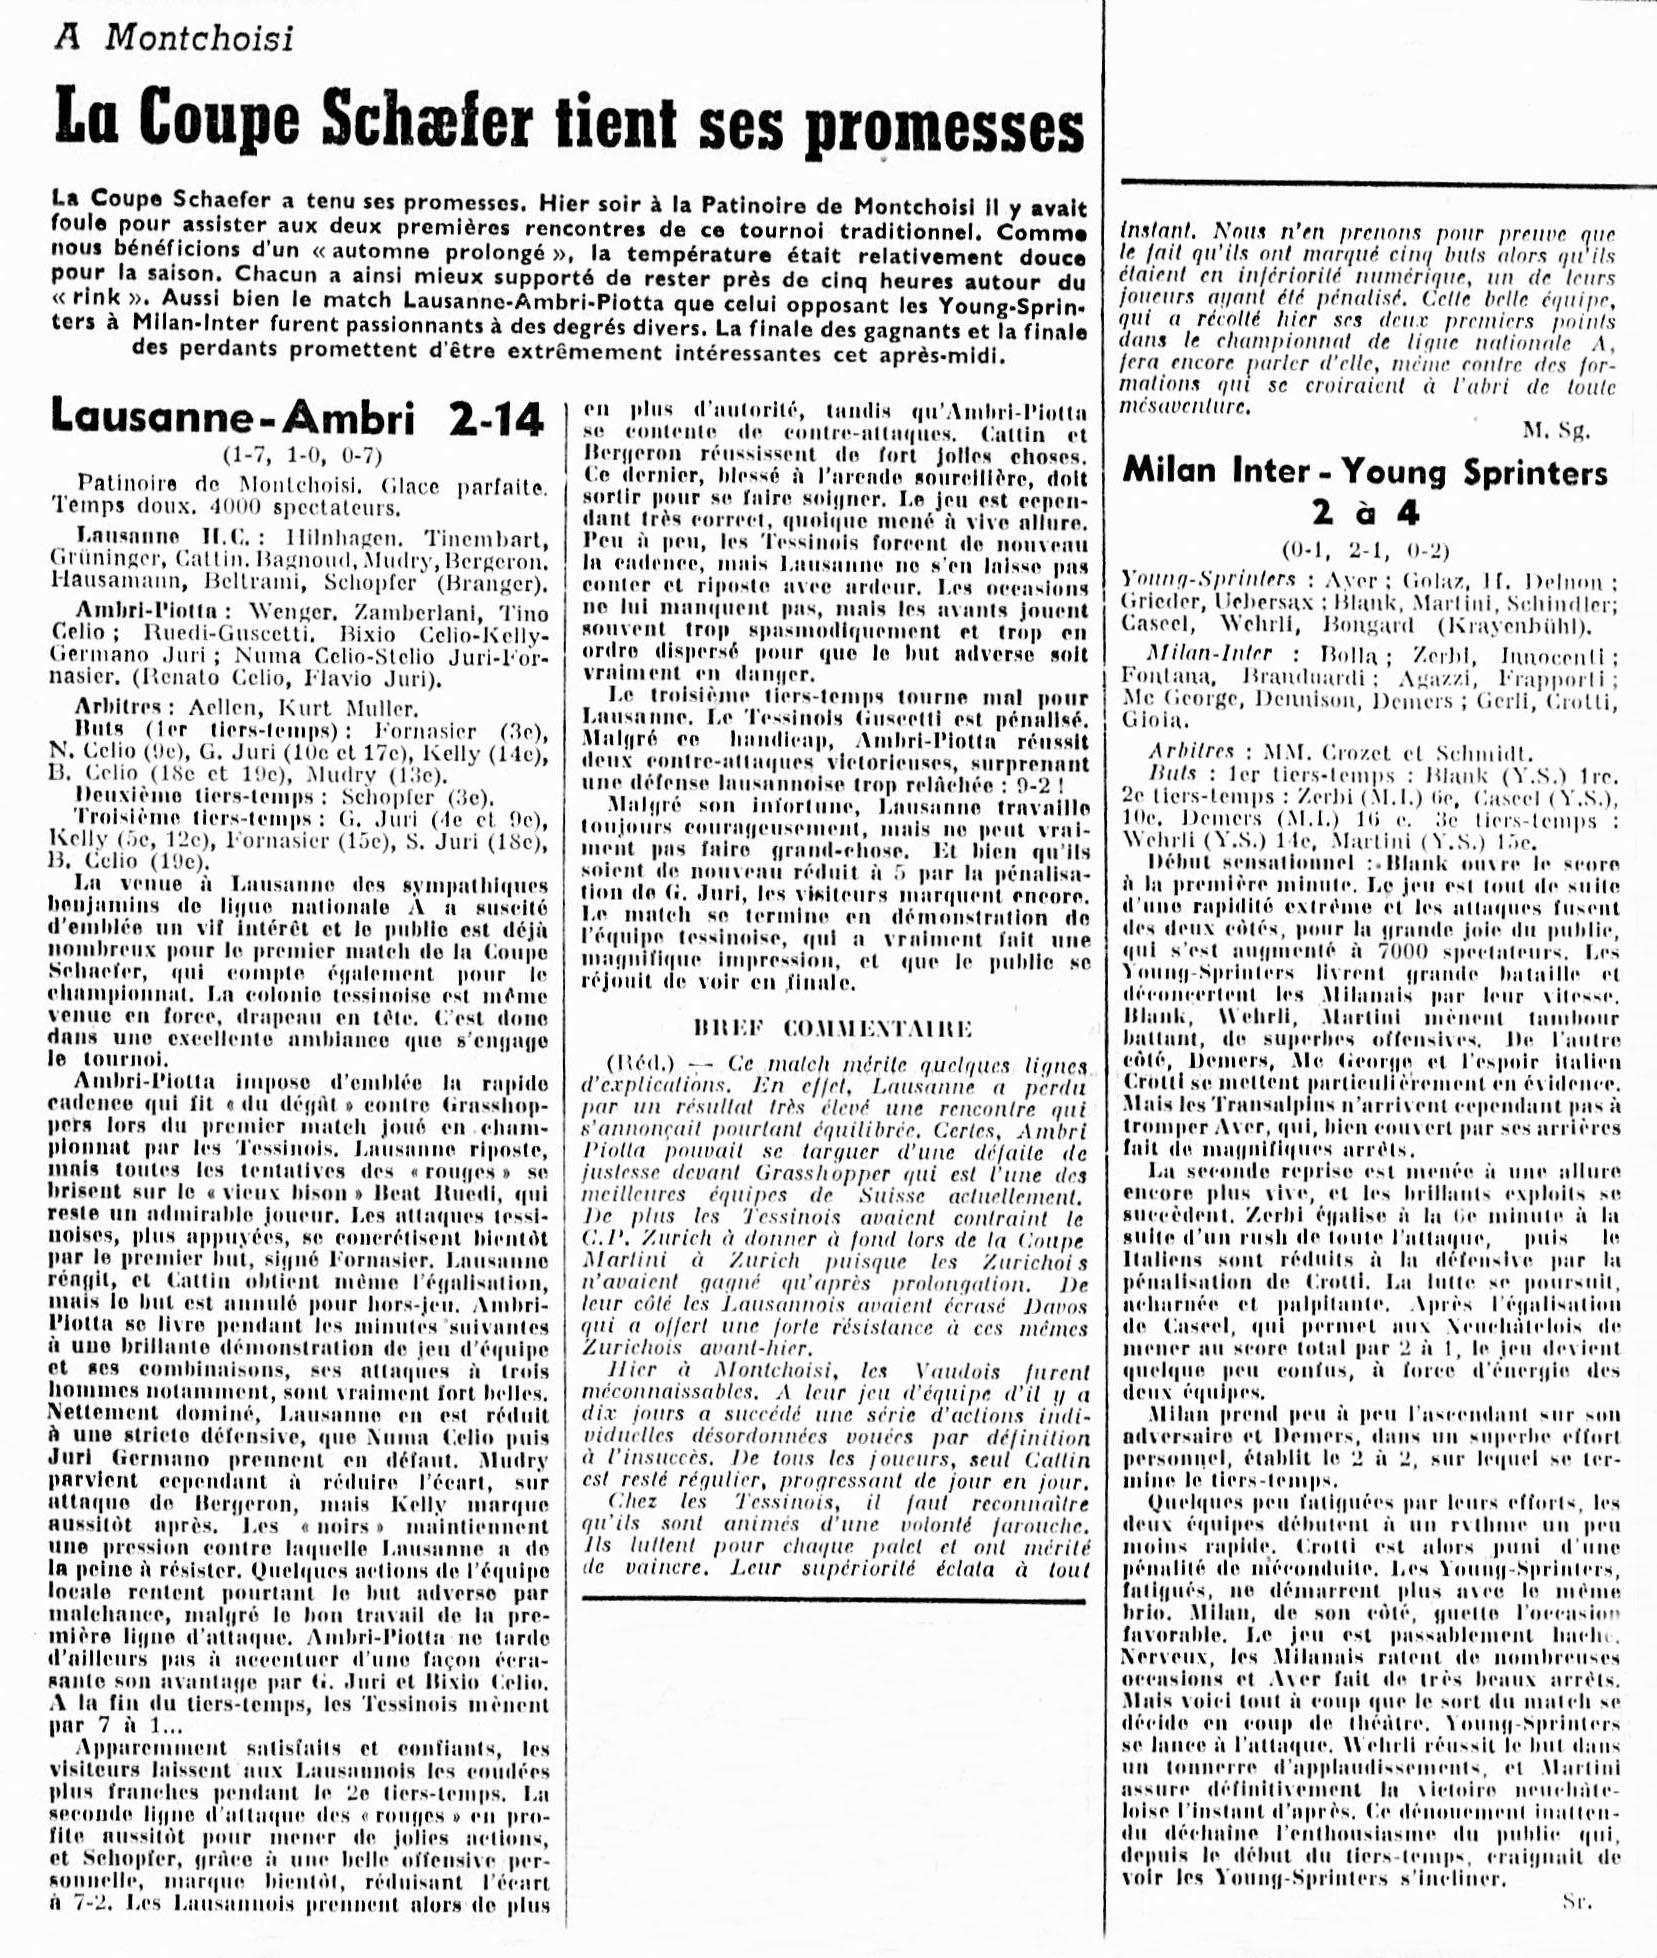 Le Matin - Tribune de Lausanne_19531213_wdu4ay-2.jpg